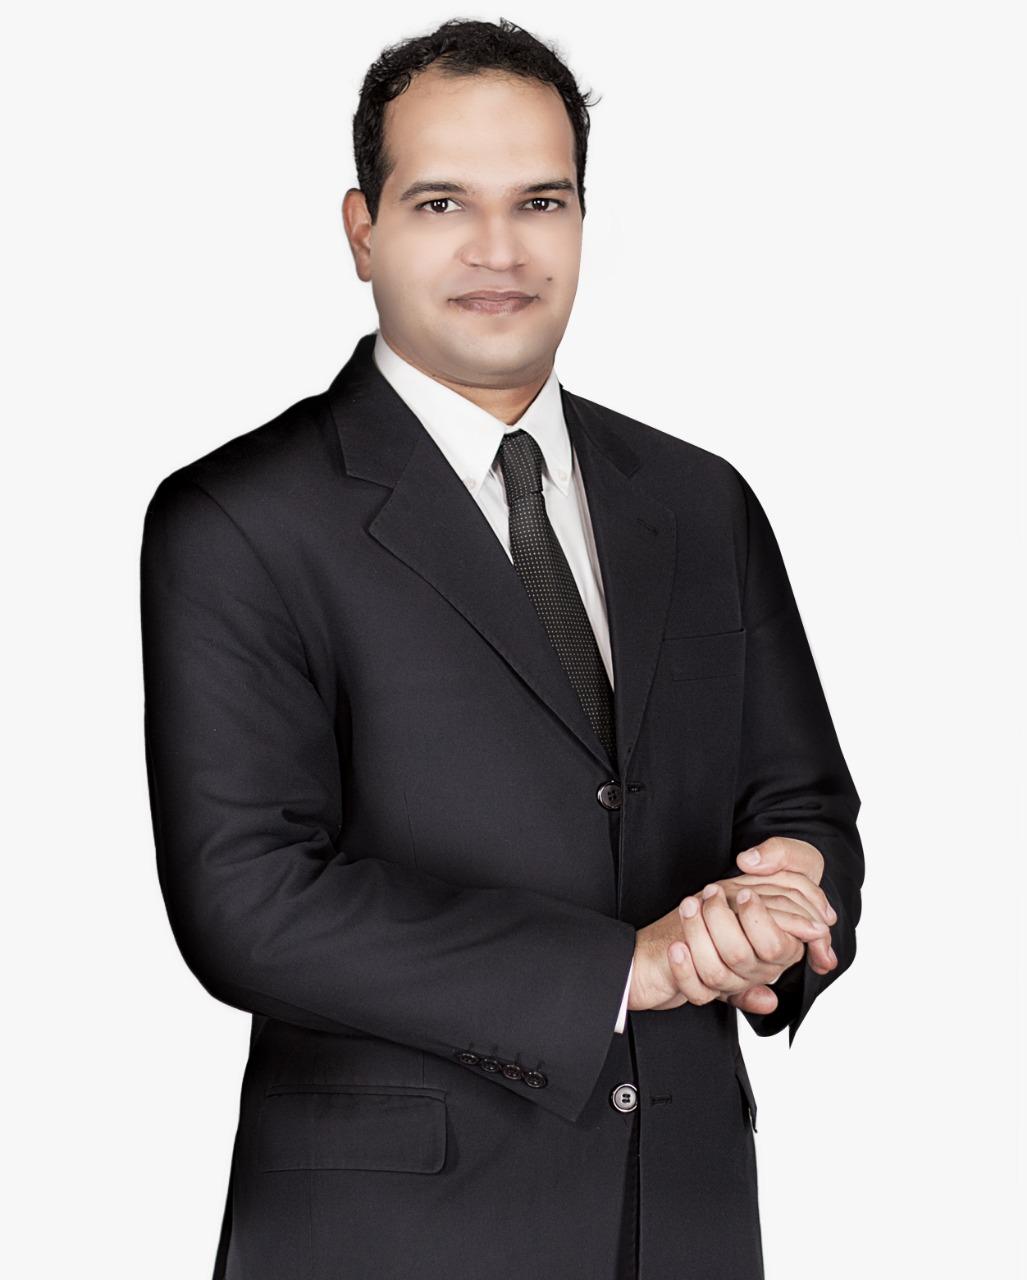 الإعلامى أحمد يعقوب